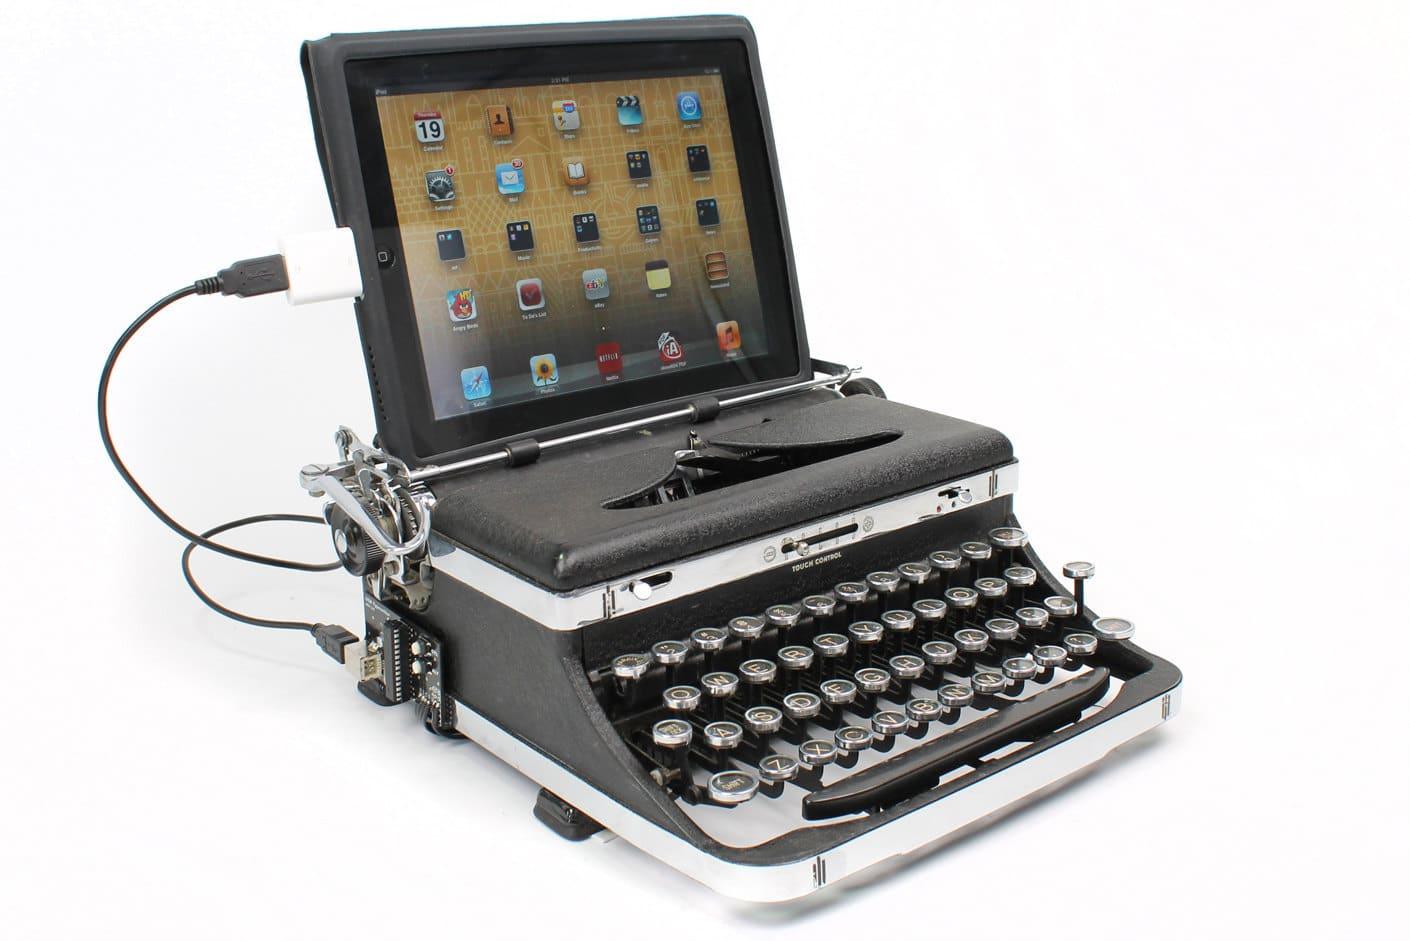 typewriter-usb-mod-keyboard  Typewriter